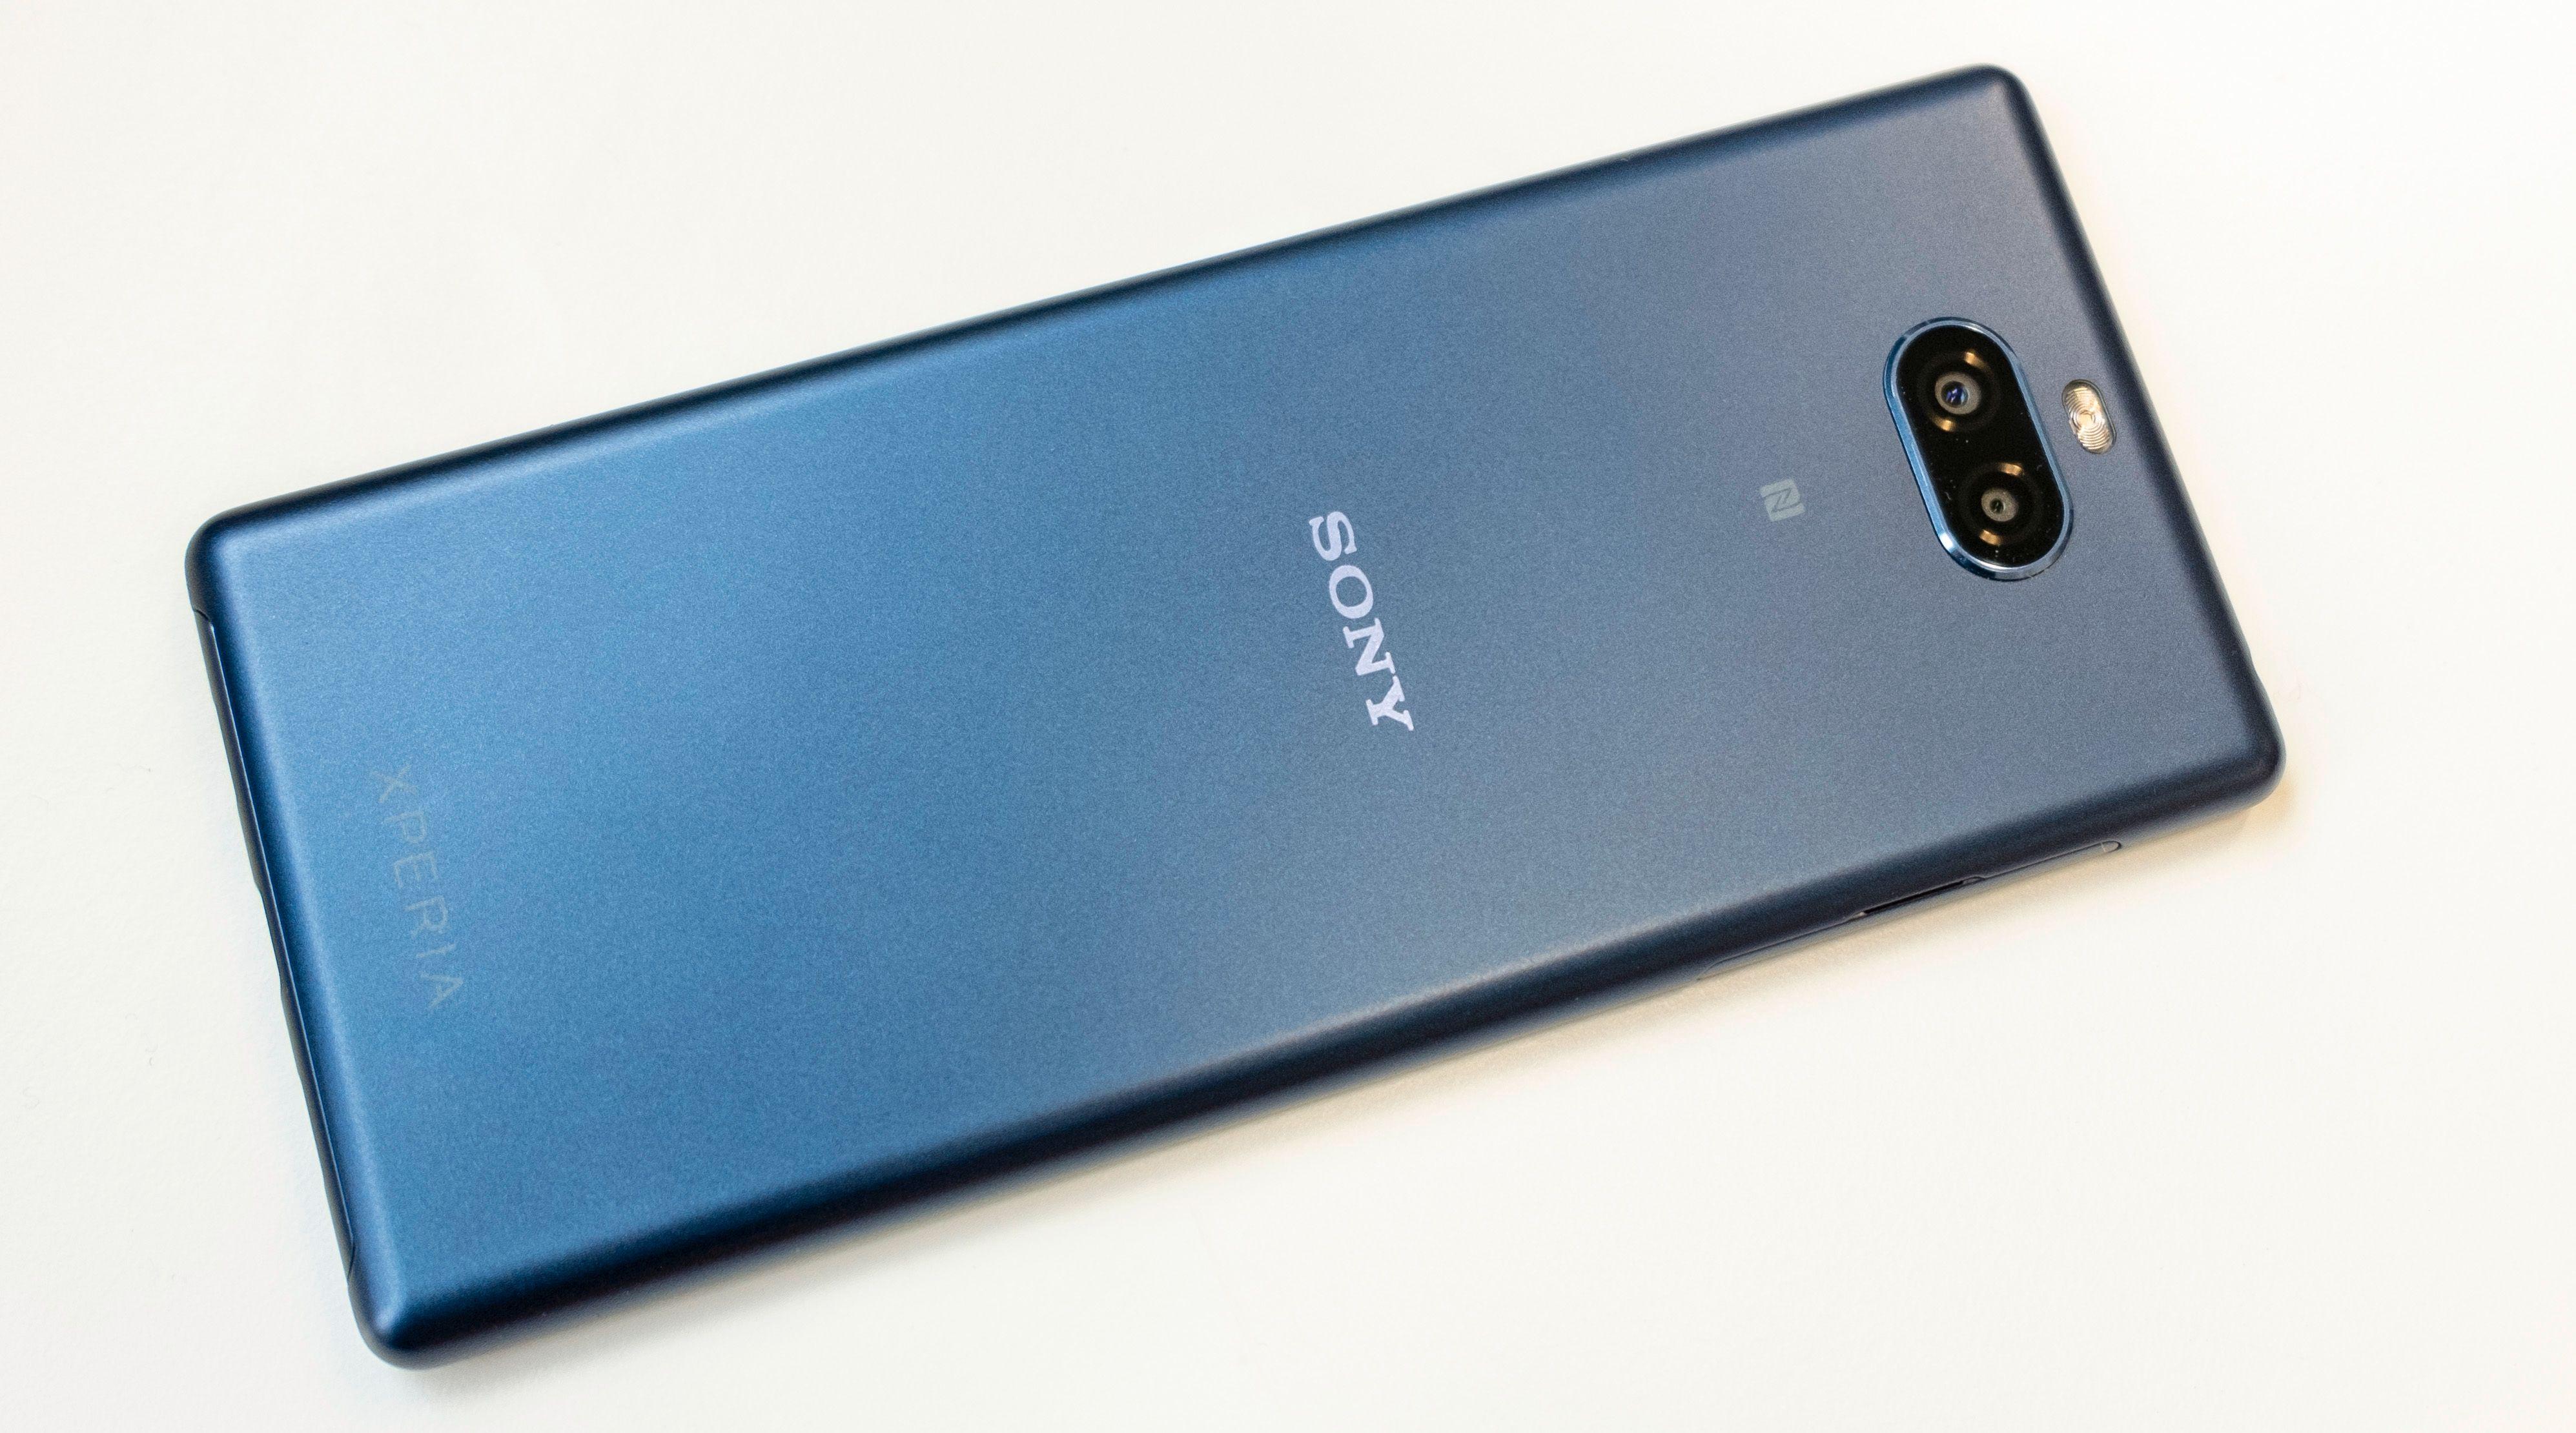 Både HTC og Sony er nå så små i mobilmarkedet at de gjerne ikke tas med som egne merker i statistikken.